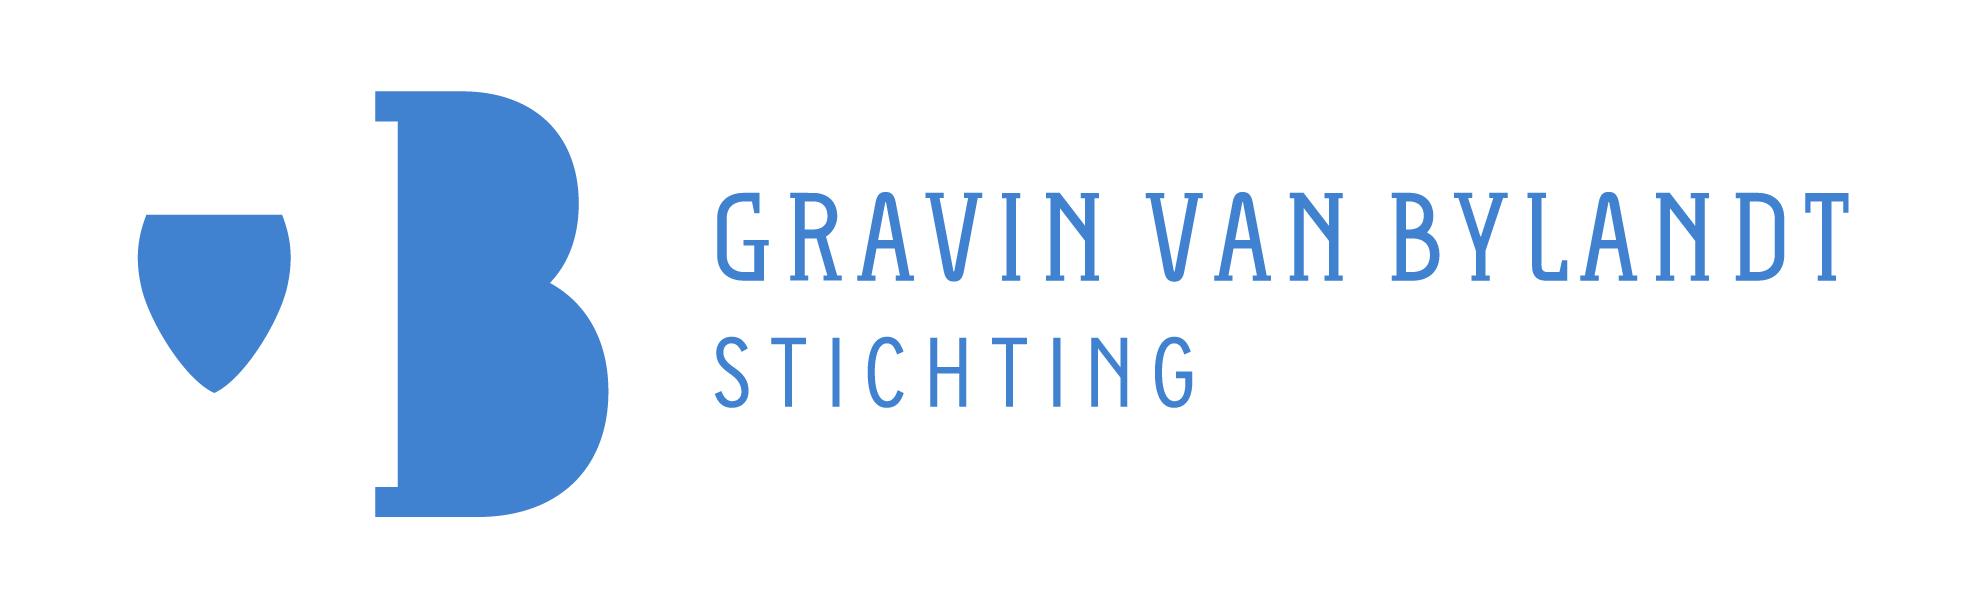 Gravin-van-Bylandt.png